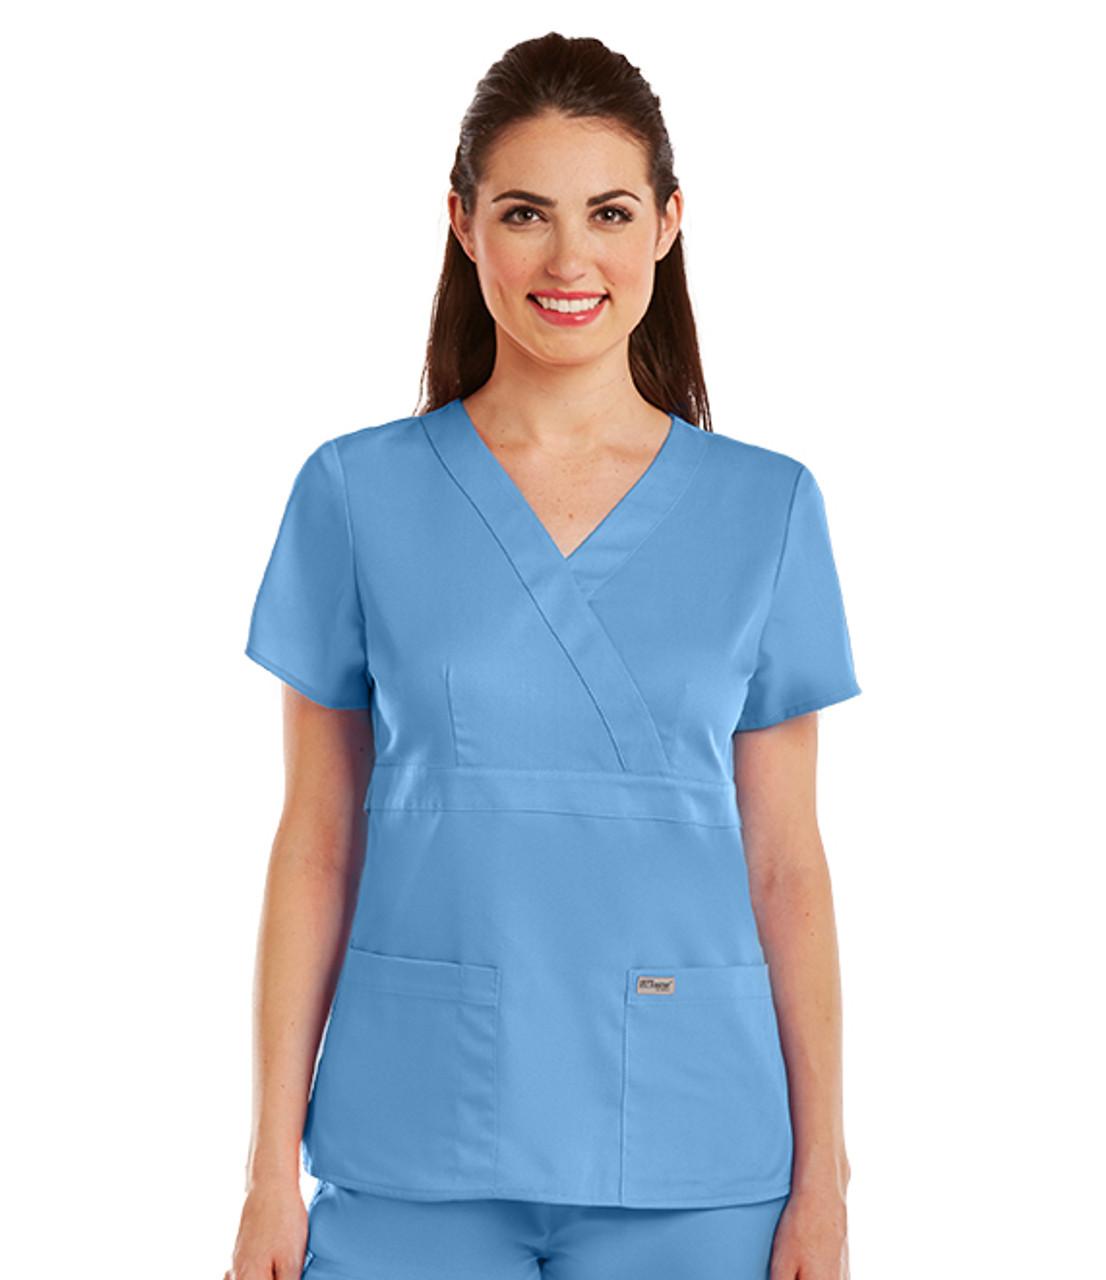 (4153) - Grey's Anatomy Scrubs - 3 Pocket Mock Wrap Scrub Top